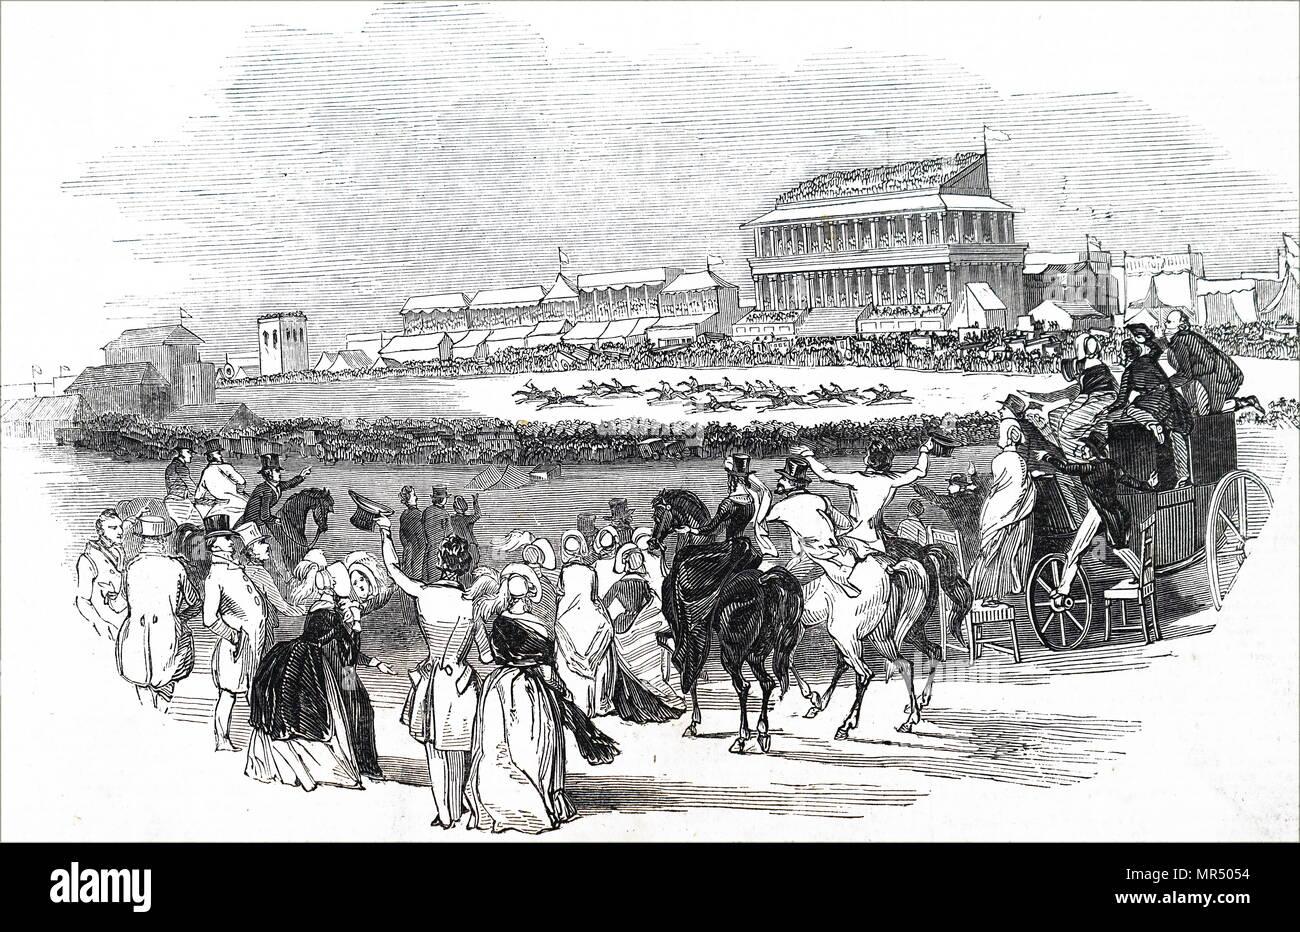 Ilustración representando a las carreras de caballos en el Hipódromo de Epson. Fecha del siglo XIX Imagen De Stock